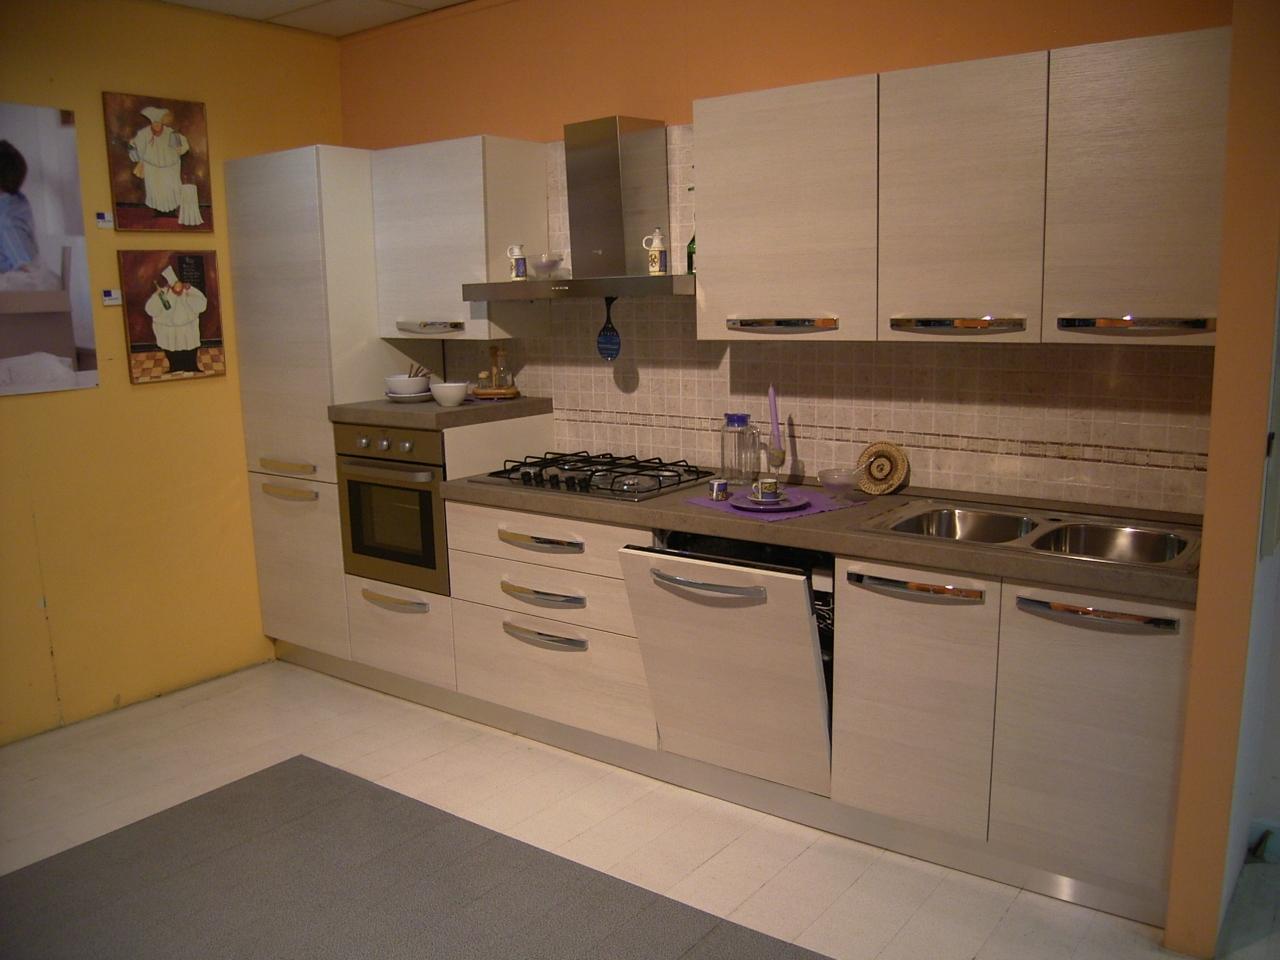 Cucina Laminato Scontata Cucine A Prezzi Scontati #6B492A 1280 960 Cucina Etnica A Cuneo